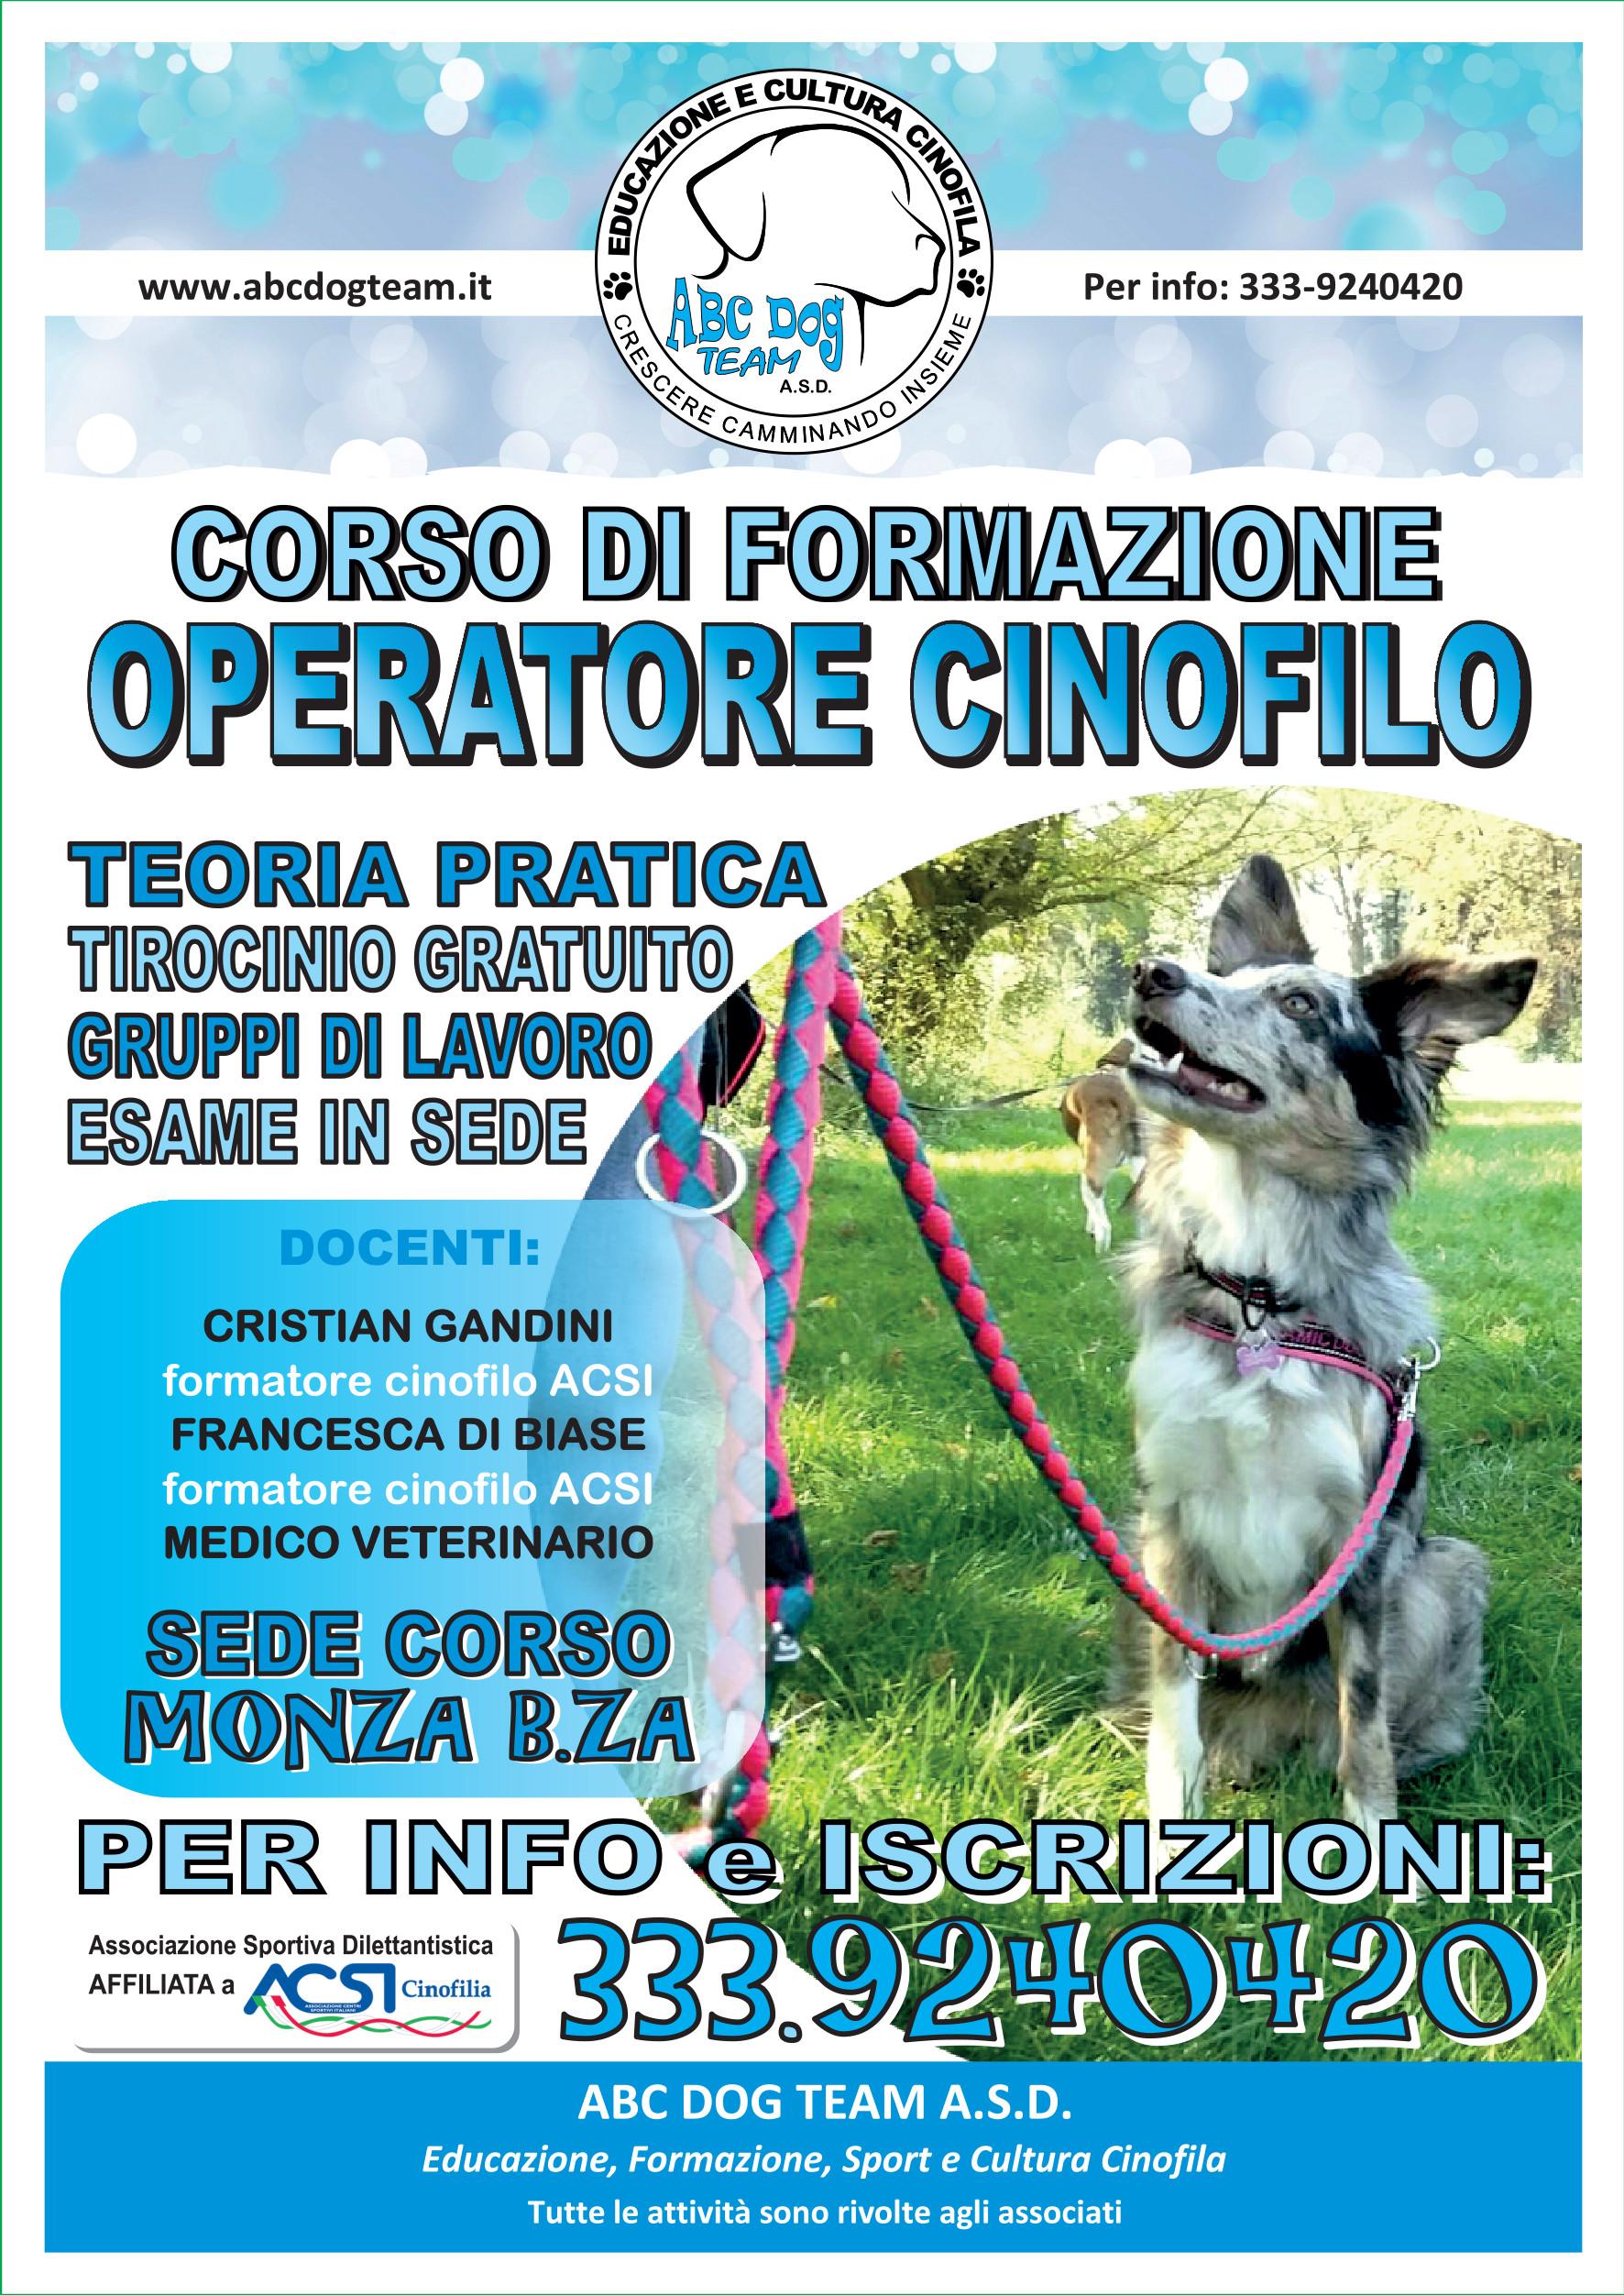 Abc Dog Team Corso Operatore CInofilo Monza 2020